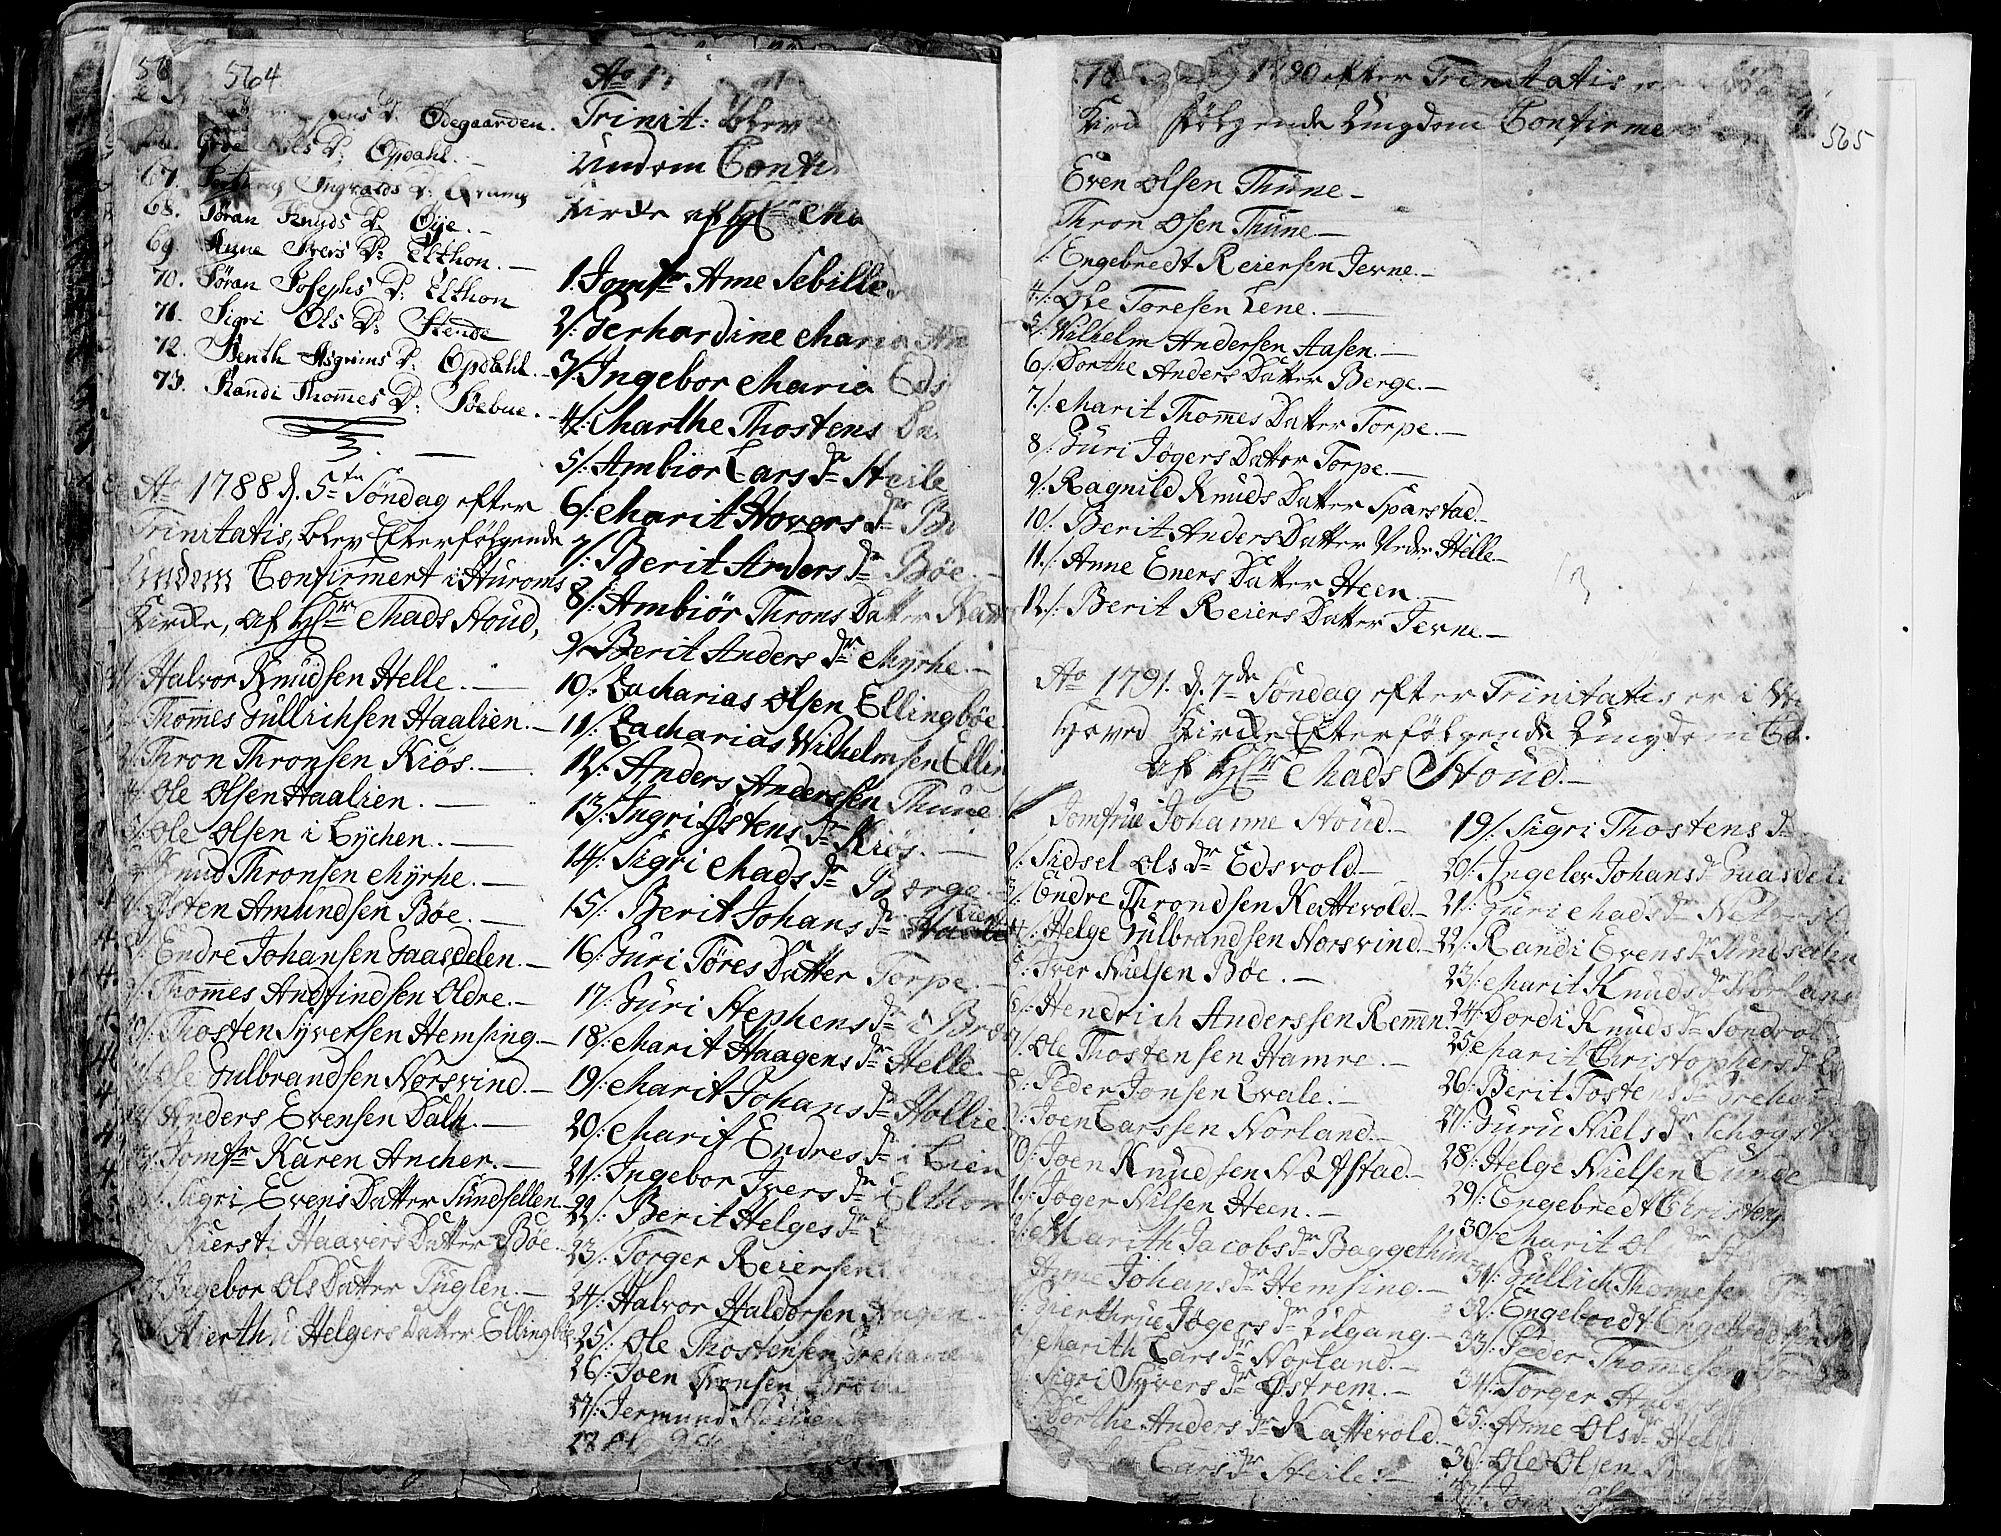 SAH, Vang prestekontor, Valdres, Ministerialbok nr. 1, 1730-1796, s. 564-565